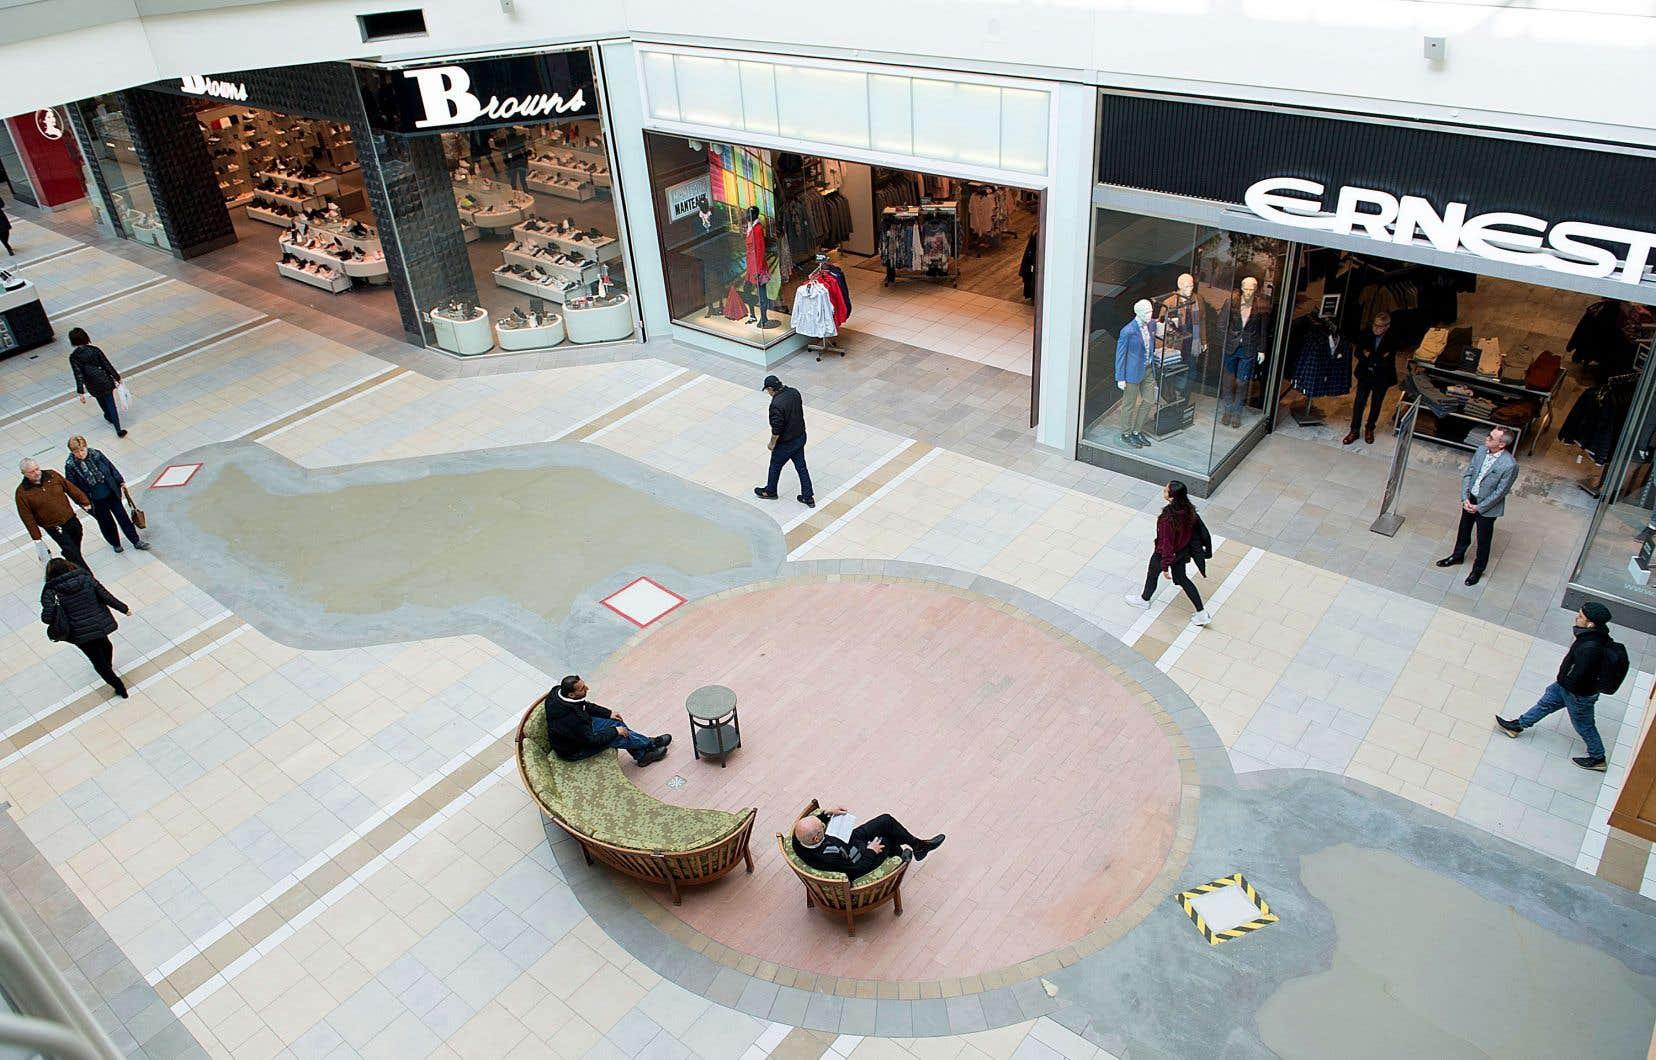 Quelques rares visiteurs arpentaient le centre commercial de Pointe-Claire, mercredi. Ottawa a annoncé un plan d'aide pour soutenir les travailleurs et les entreprises aux prises avec le fort ralentissement économique provoqué par la pandémie.